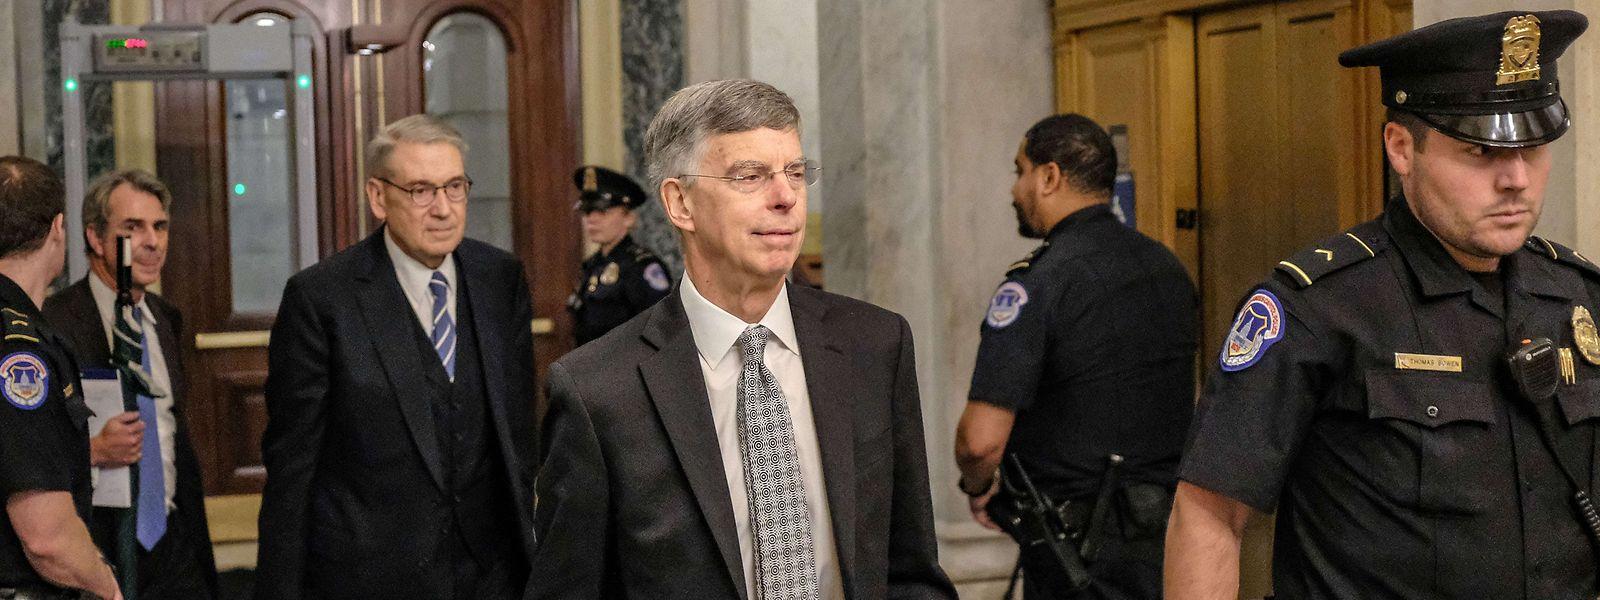 Taylor auf dem Weg zur Anhörung.